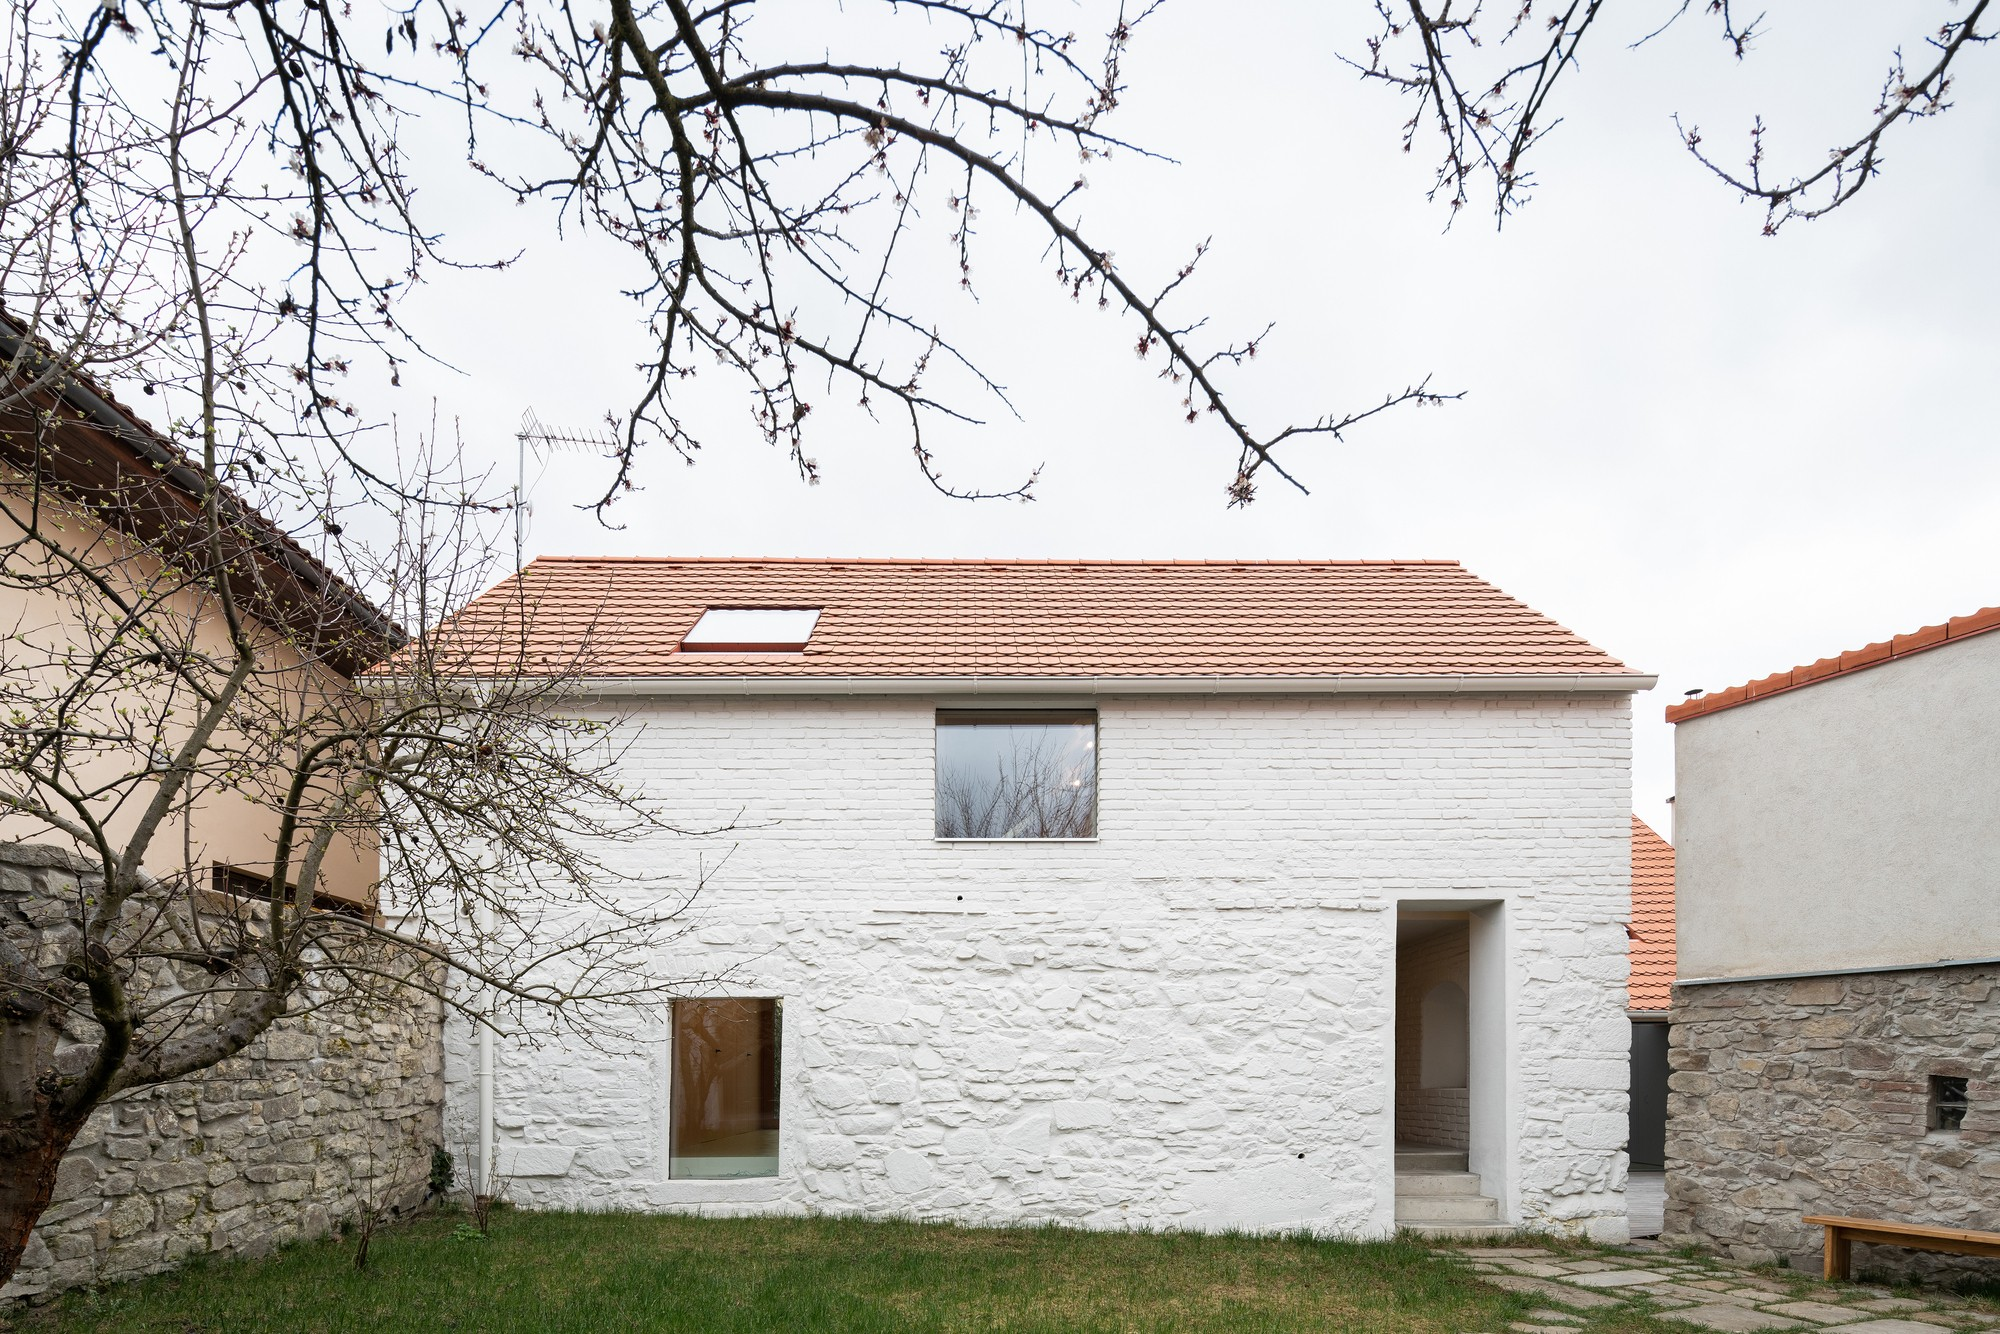 Семейный дом с самобытным характером и уважением к историческому контексту